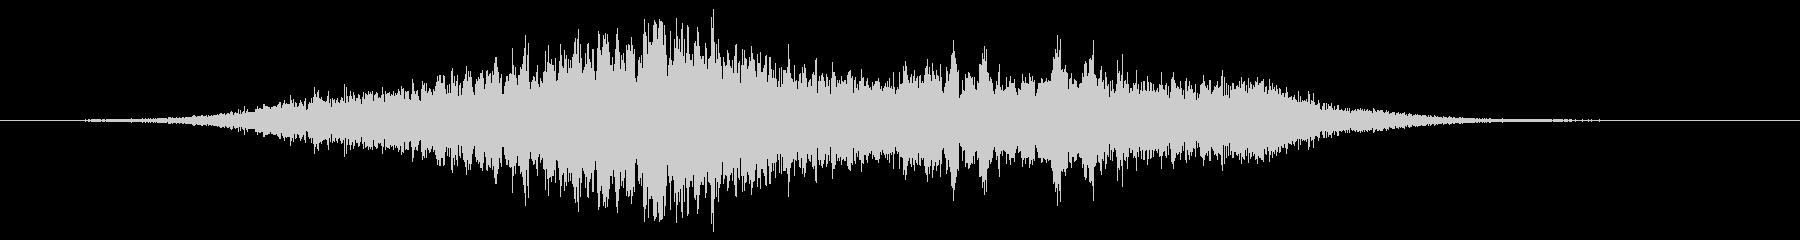 緊張 ゴースト合唱団トランジション01の未再生の波形